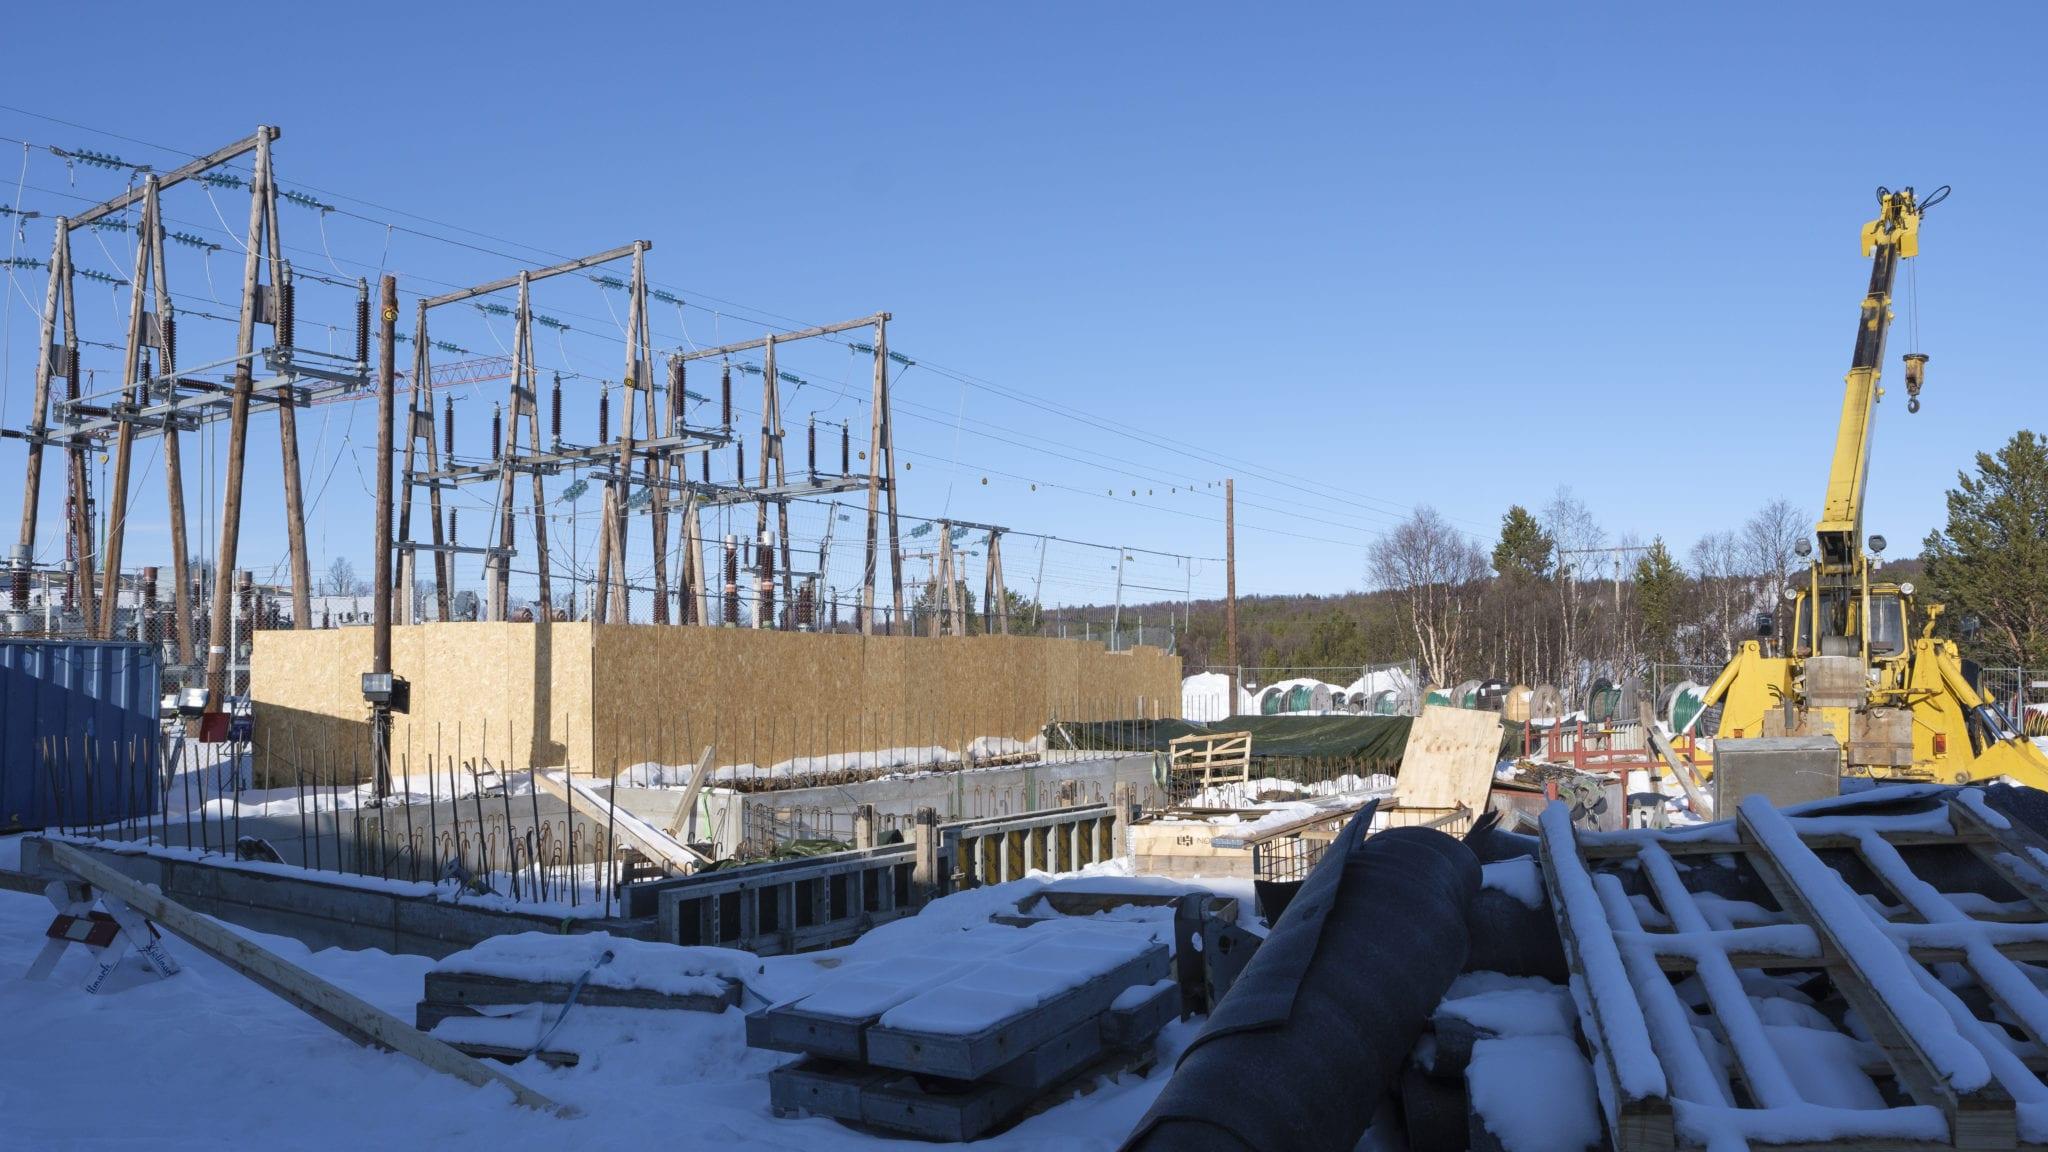 Ren Røros bruker 80 millioner kroner på oppgradering av kraftlinjen fra Tolga til Røros, og det er konsernets største investering noensinne. Foto: Ren Røros Frontal